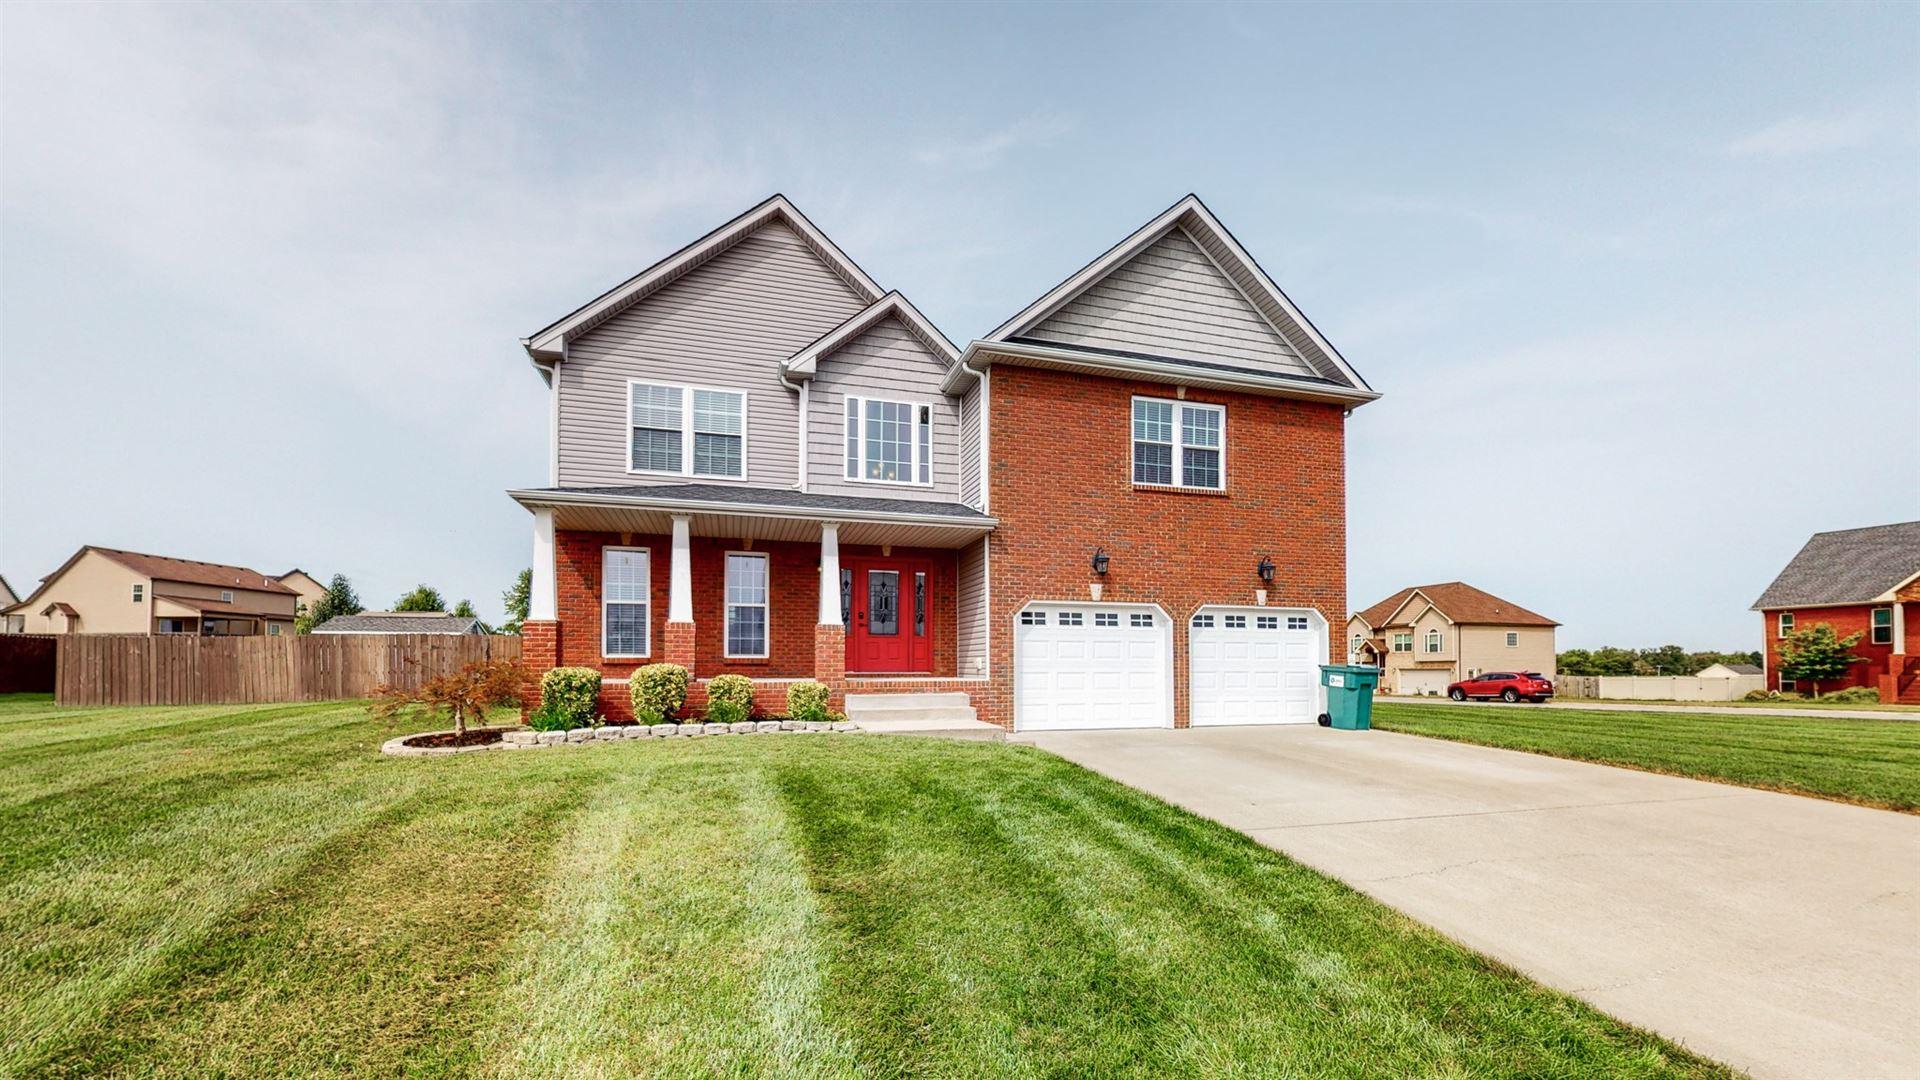 1808 Autumnwood Blvd, Clarksville, TN 37042 - MLS#: 2190409